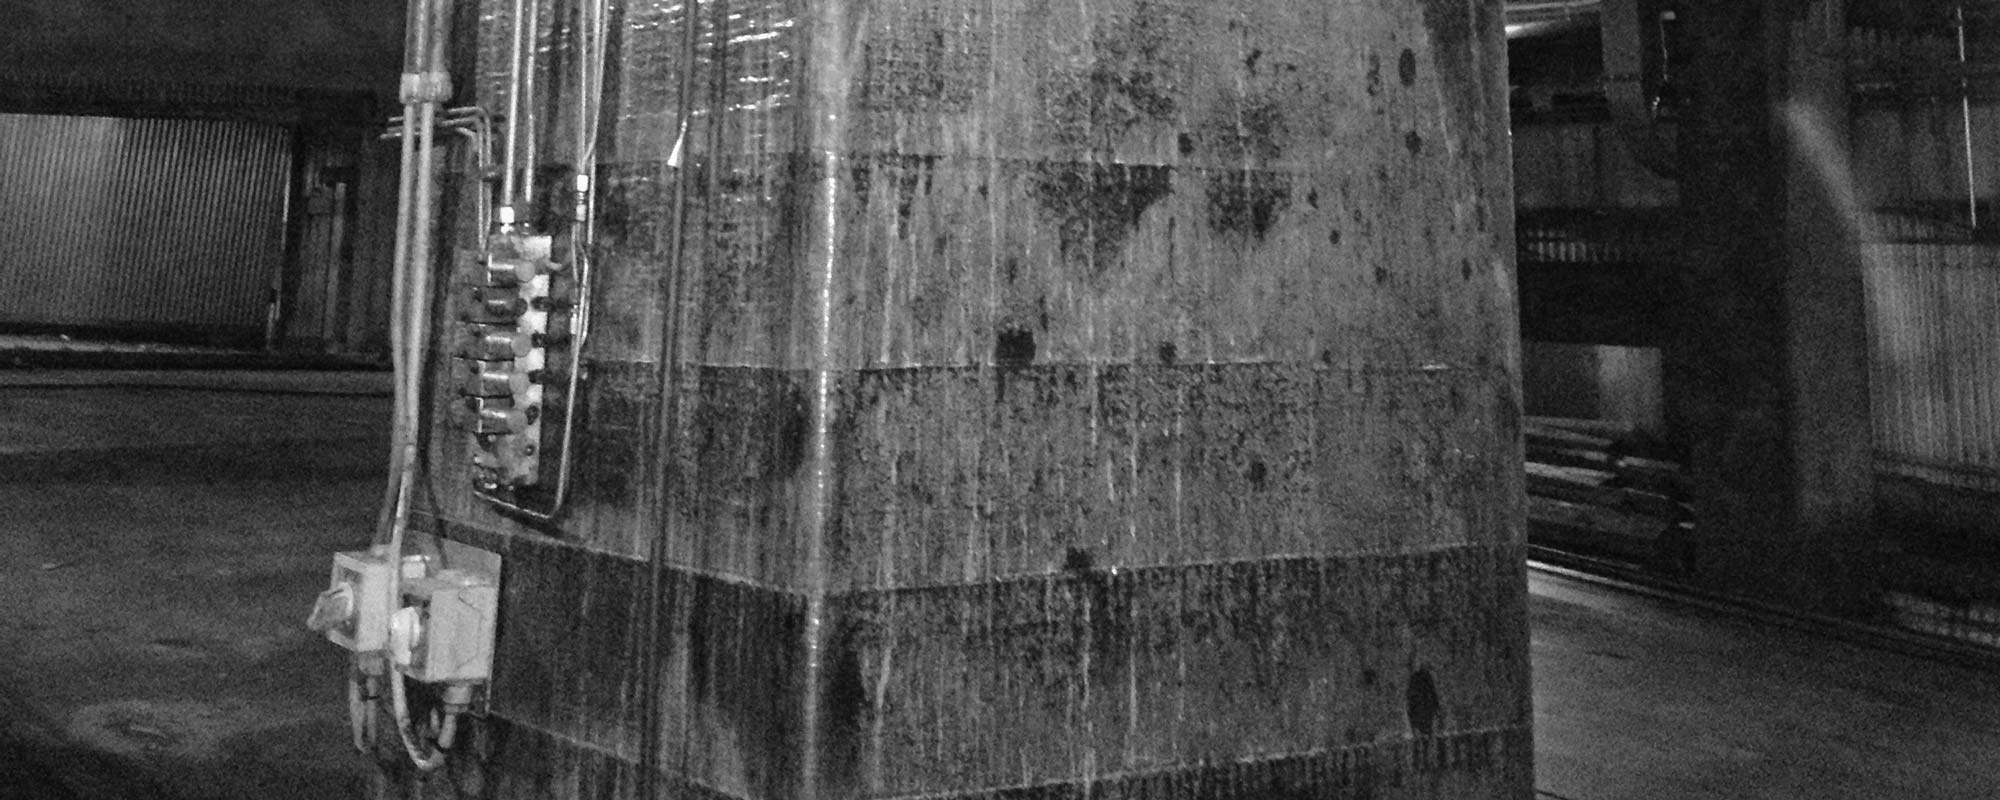 Kevlarförstärkt pelare - Invator